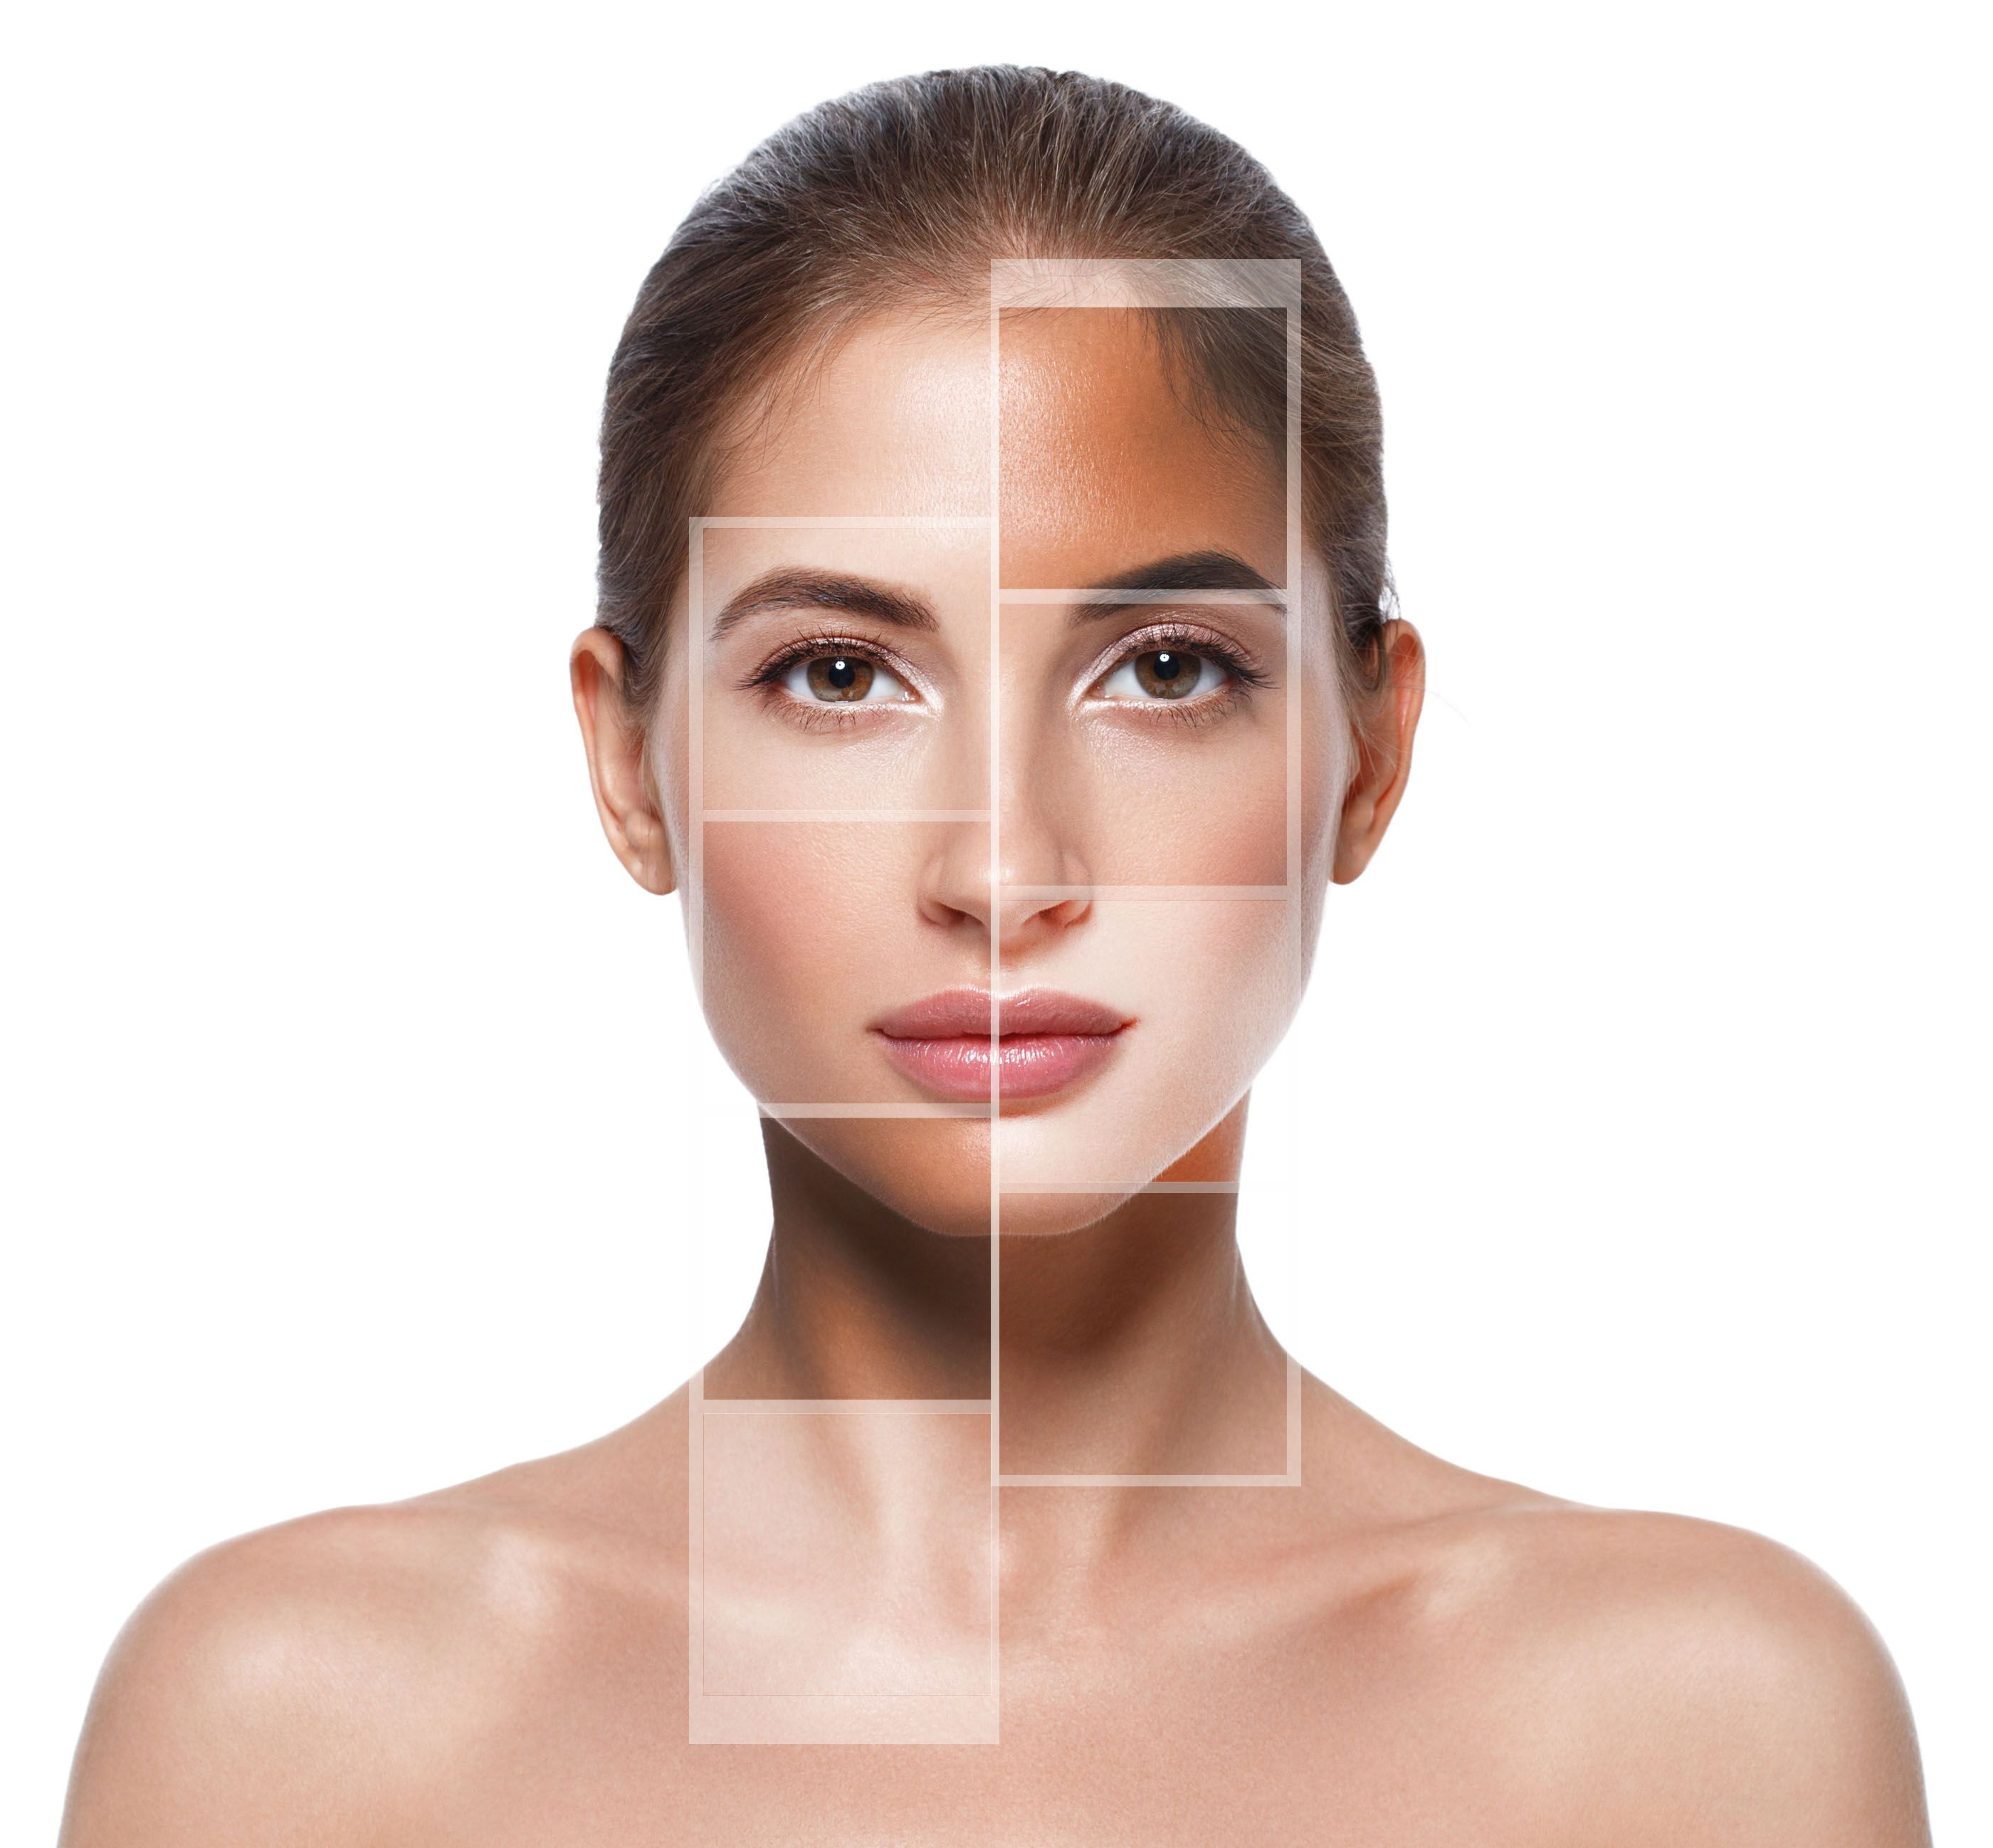 Tratamientos faciales en Mollet del Vallès